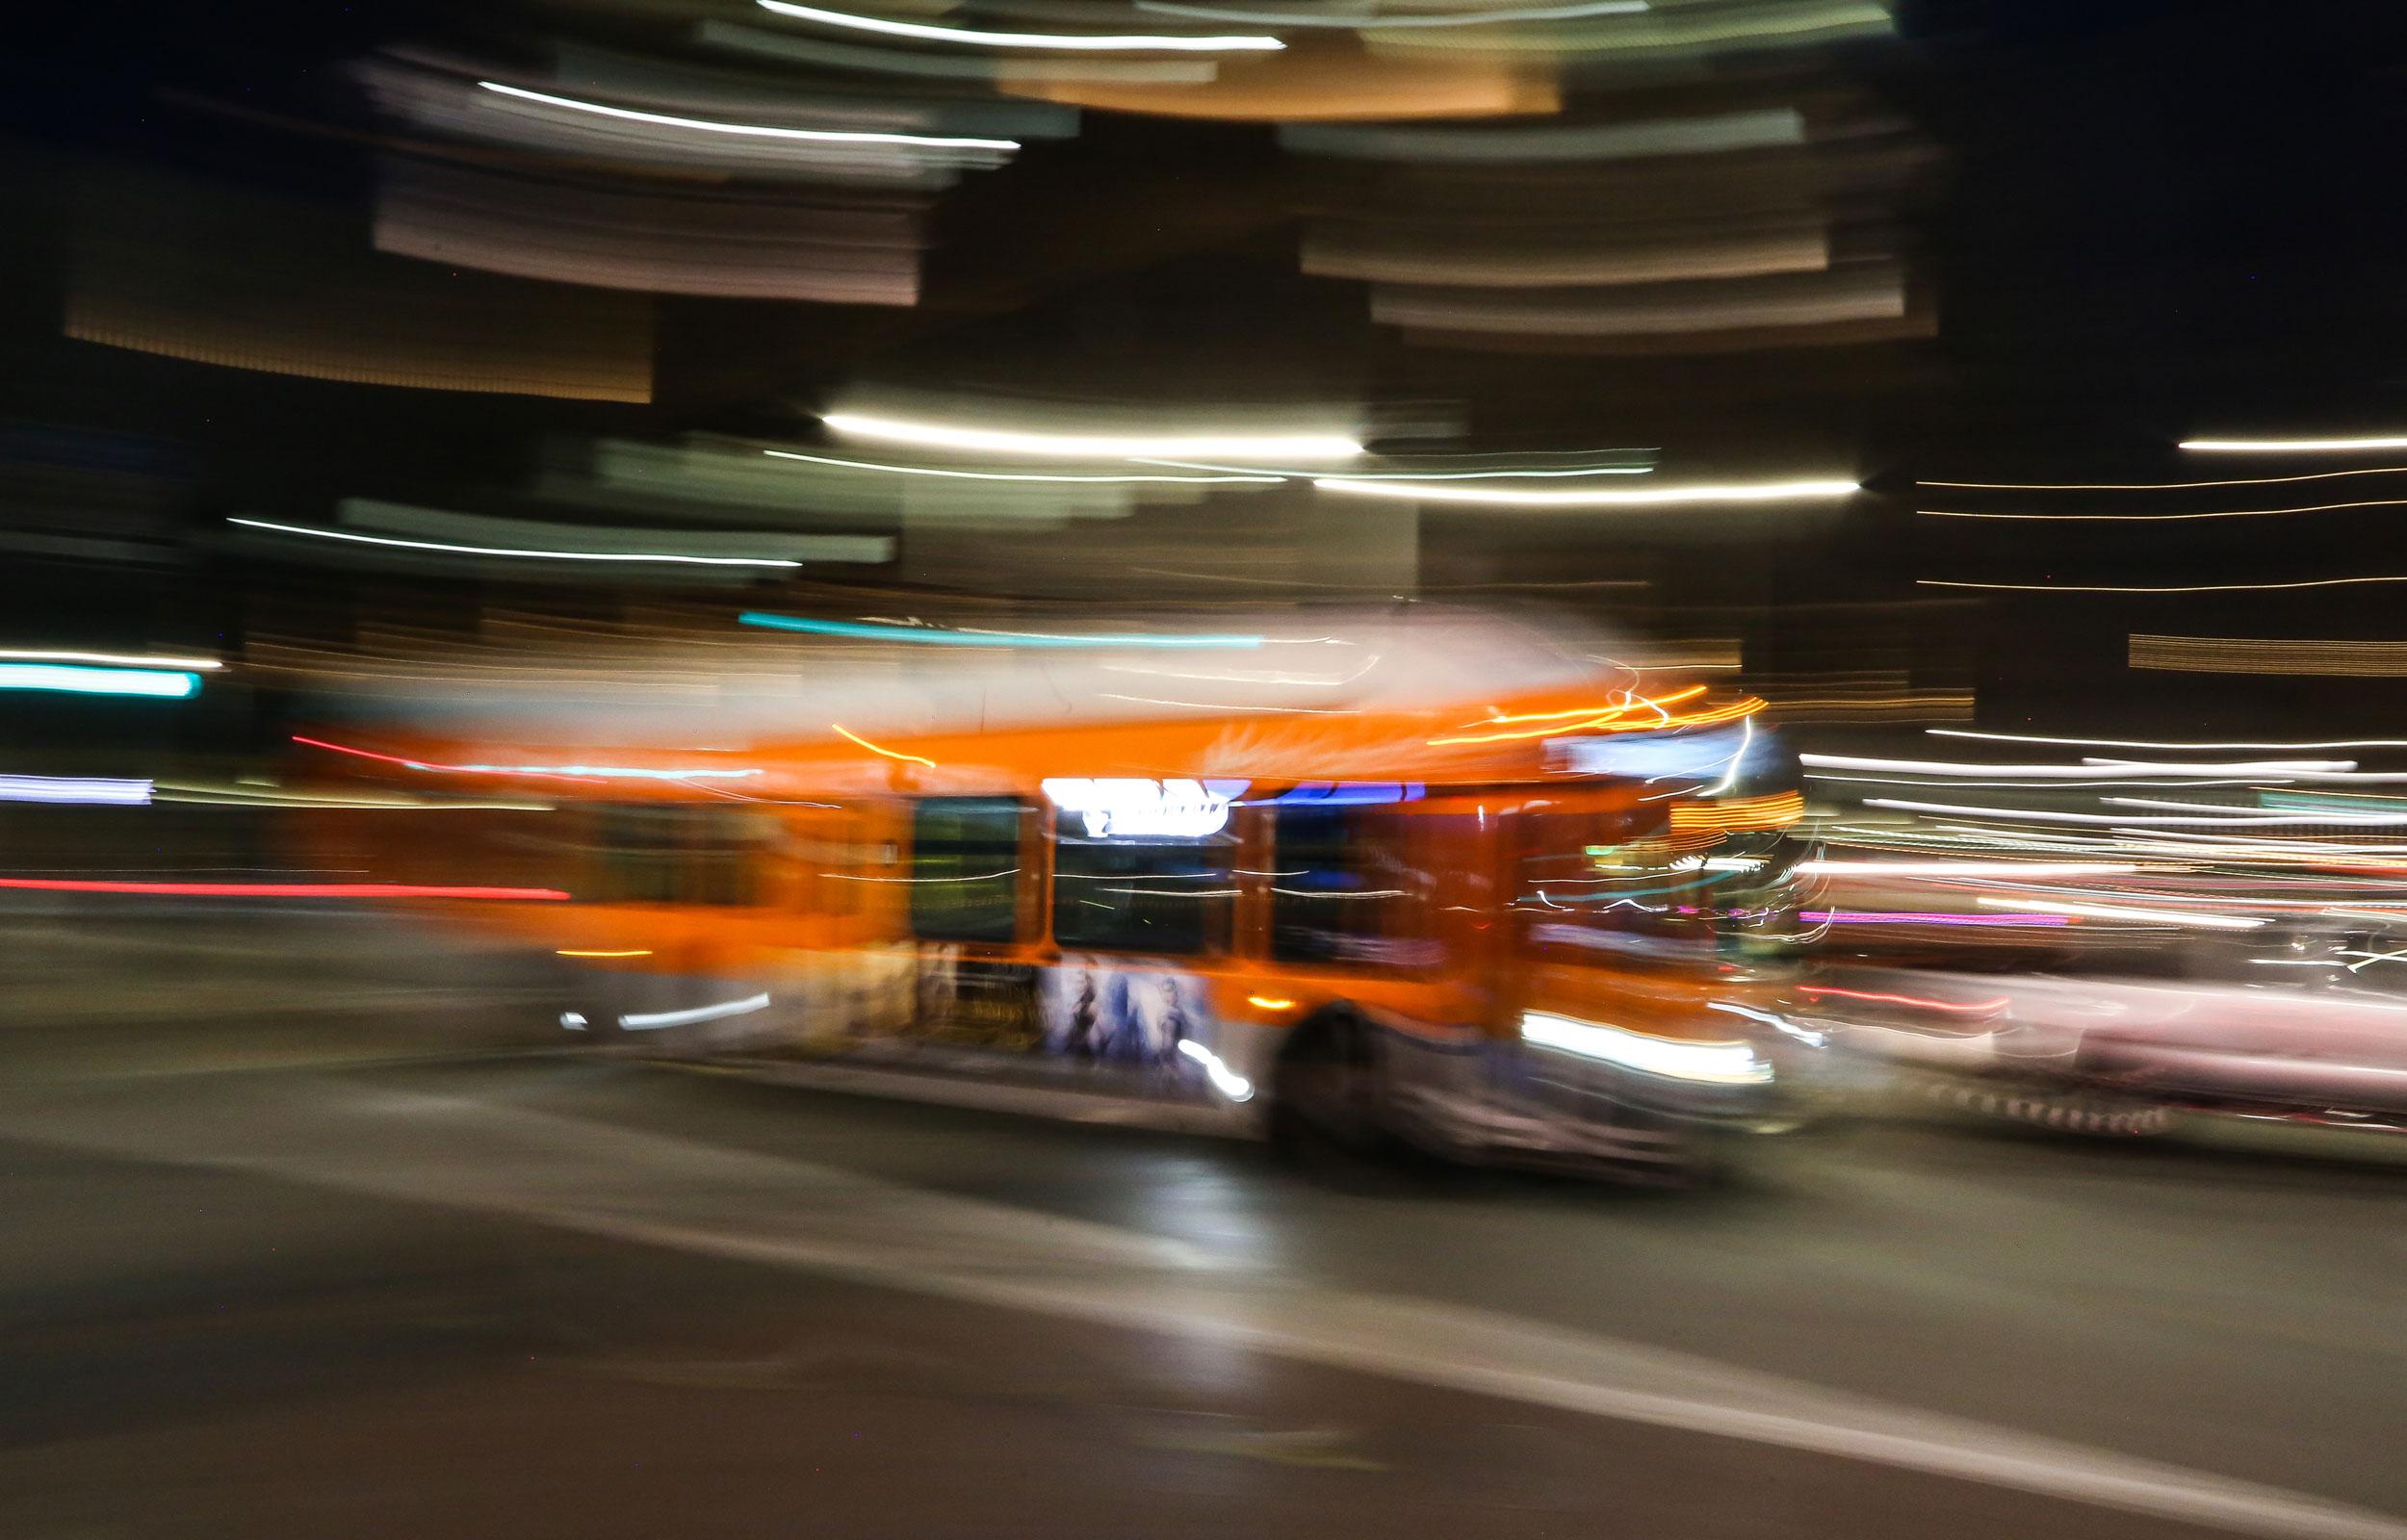 Urban-DTLA-bus-action-horiz.jpg